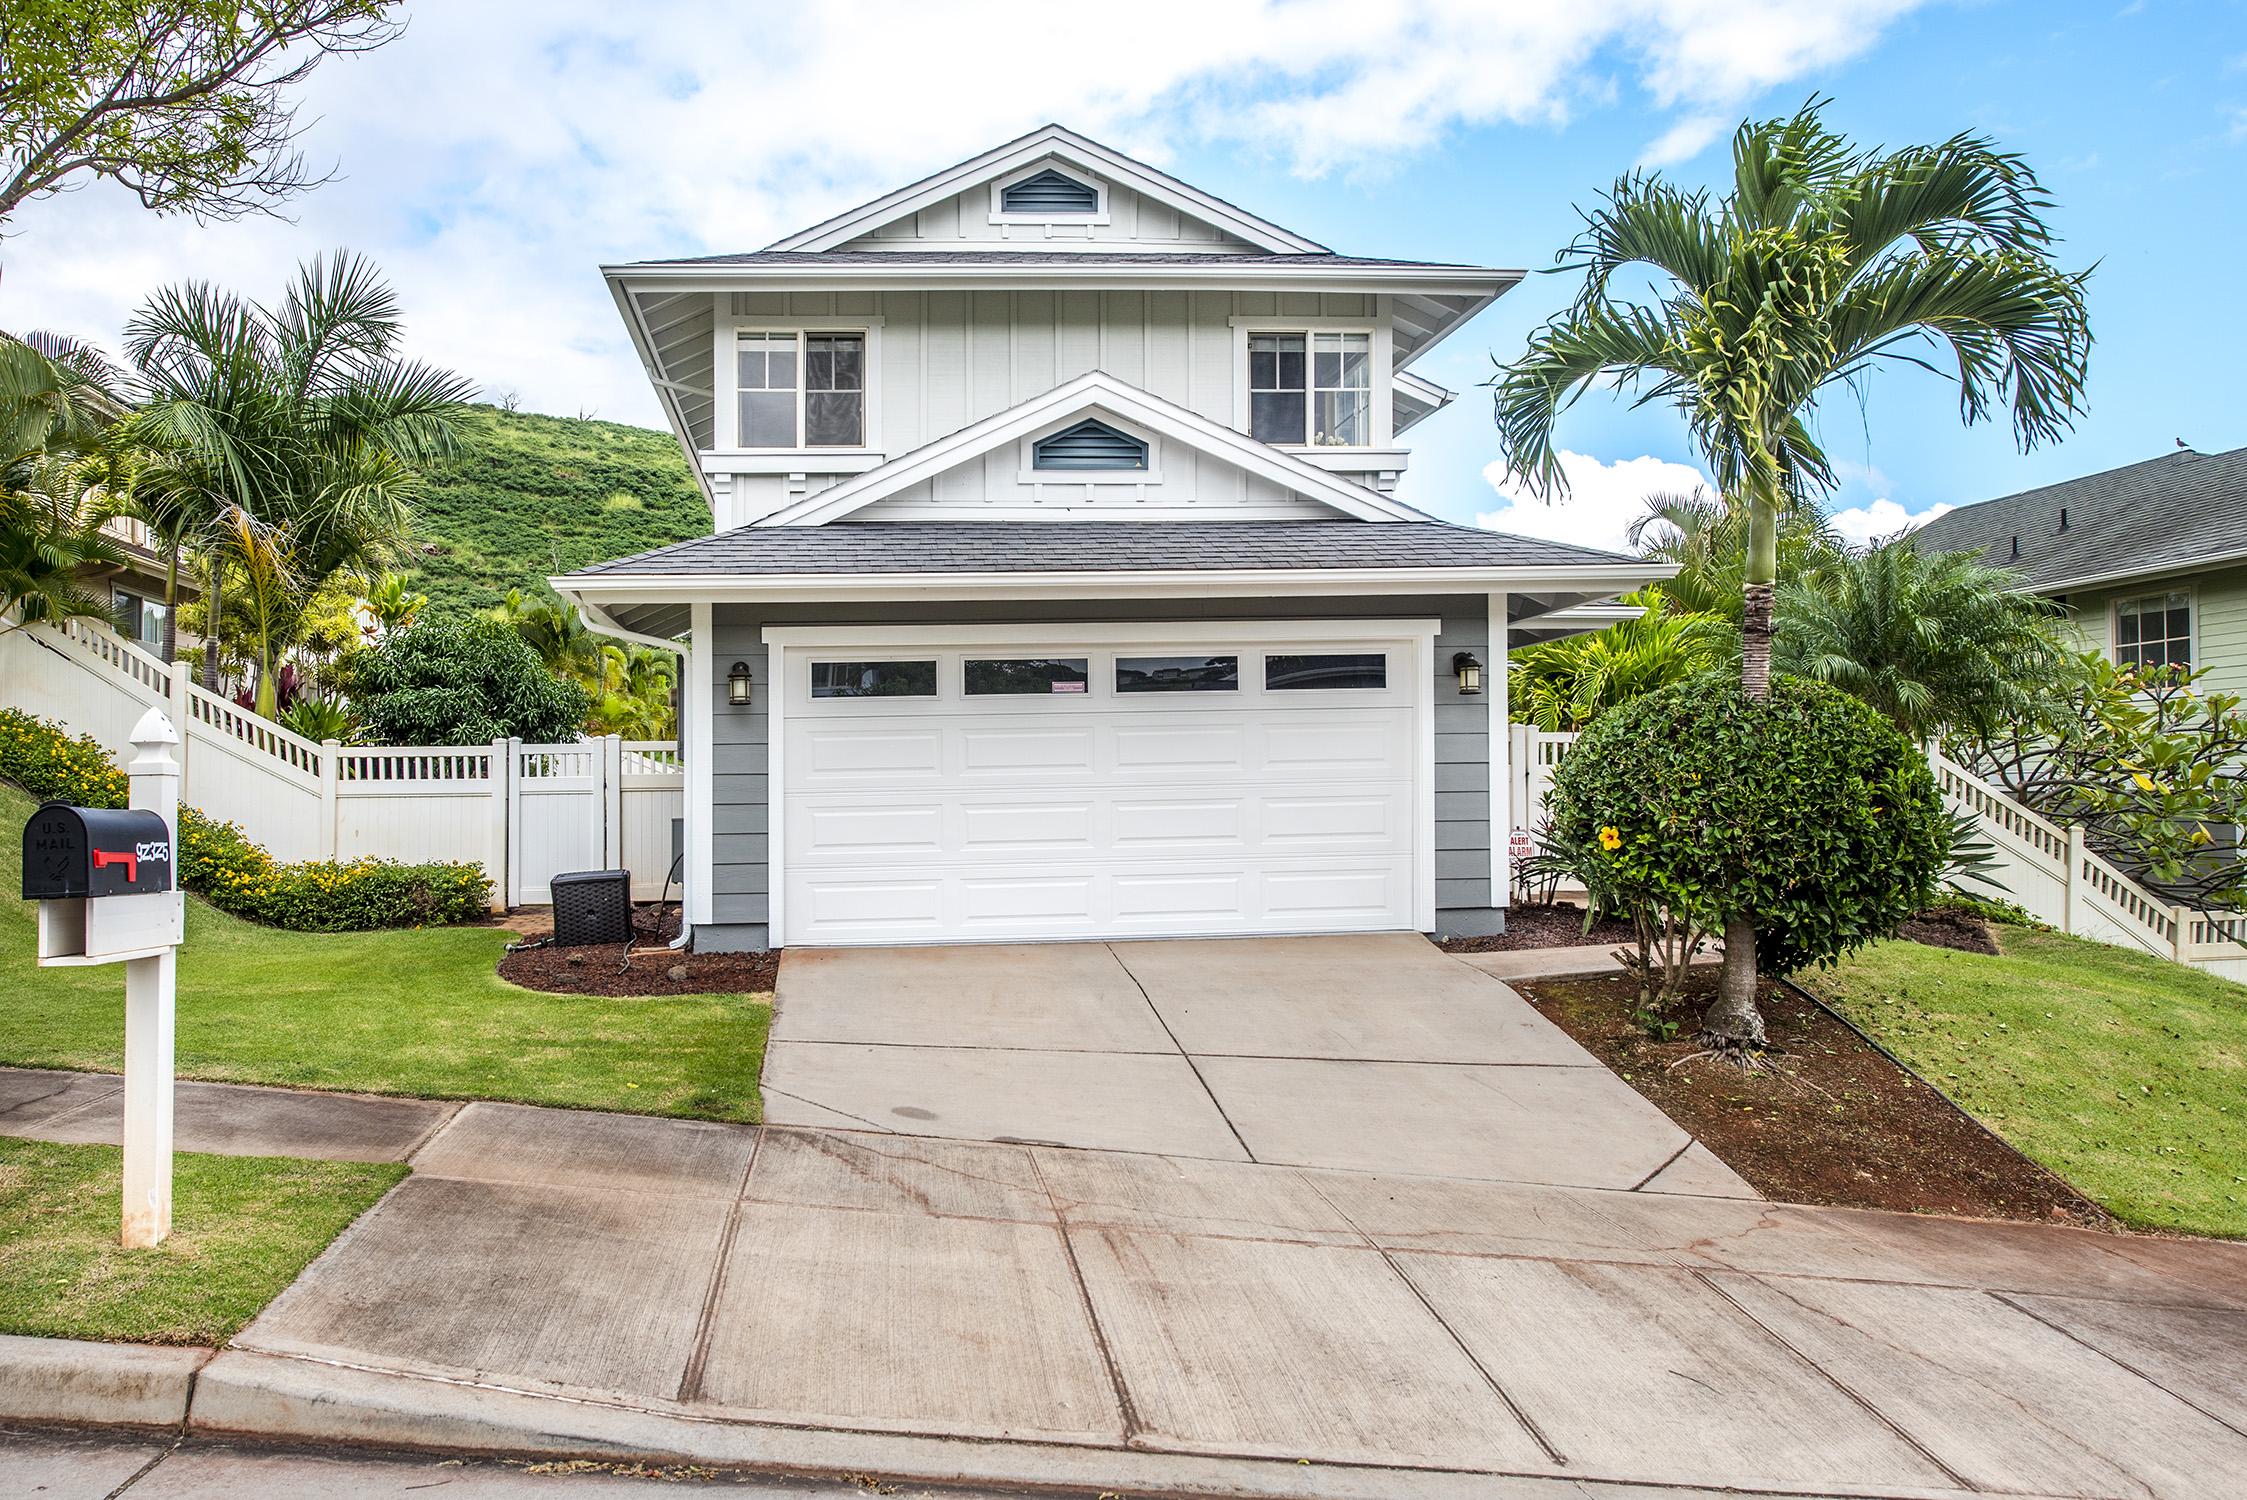 Maison unifamiliale pour l Vente à Spacious Gem 92-325 Palaulau Place #62 Kapolei, Hawaii 96707 États-Unis